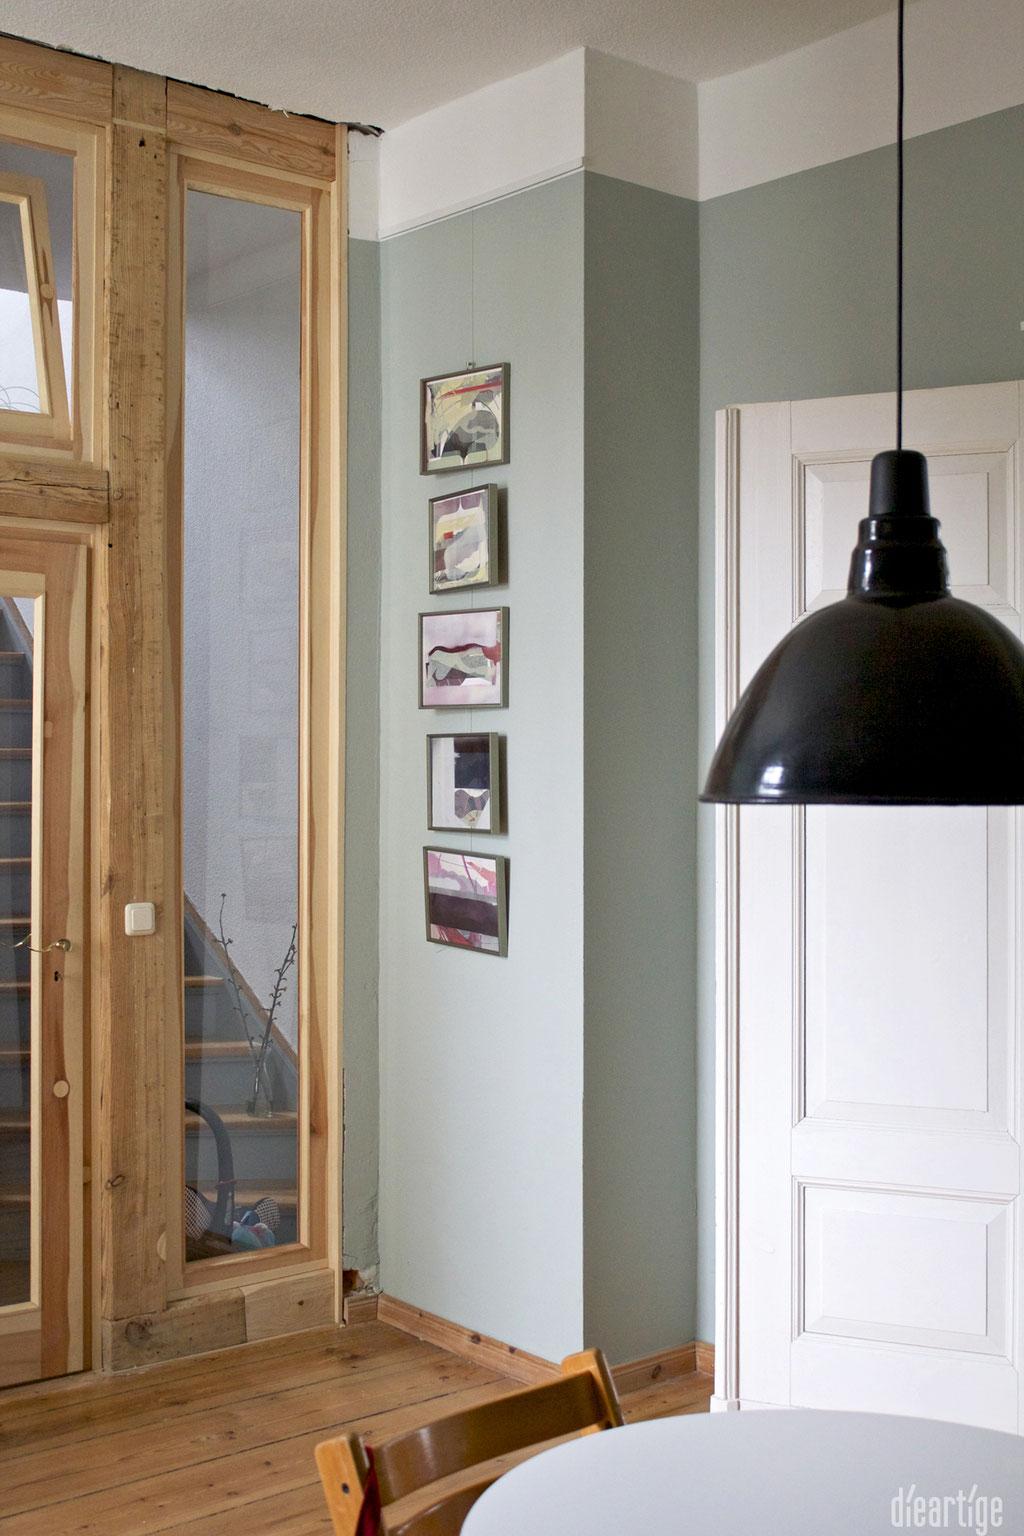 dieartige -Gestaltung | EssZi // Fam. F. | Wandfarbe Graugrün, Holzrahmentür mit integriertem alten Balken, schwarze Industrieleuchten